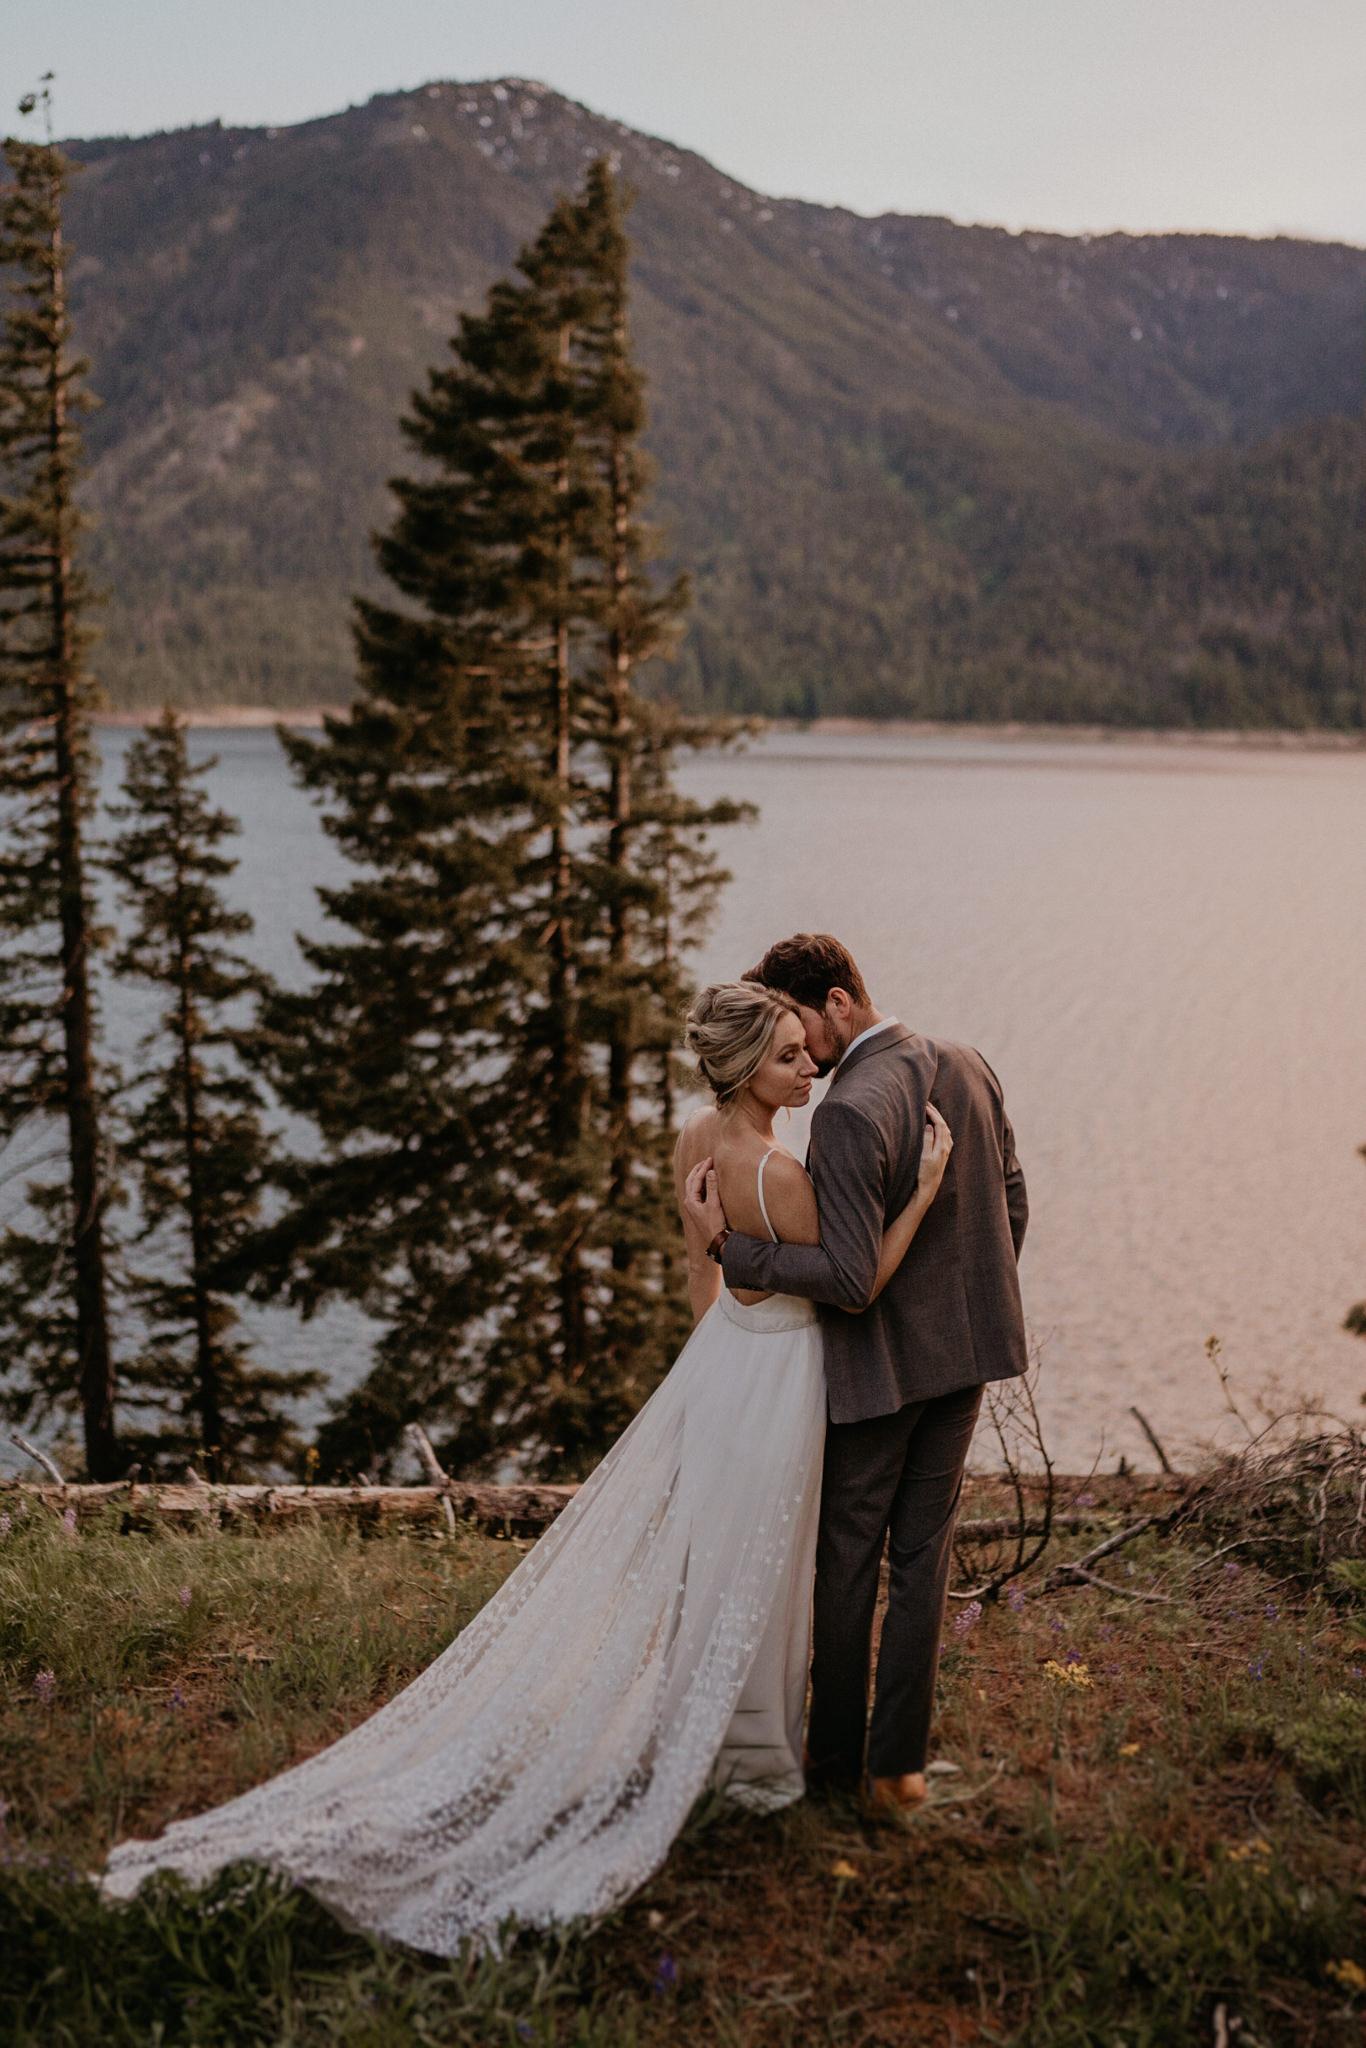 Couple elope in near a cabin outside of seattle, washington